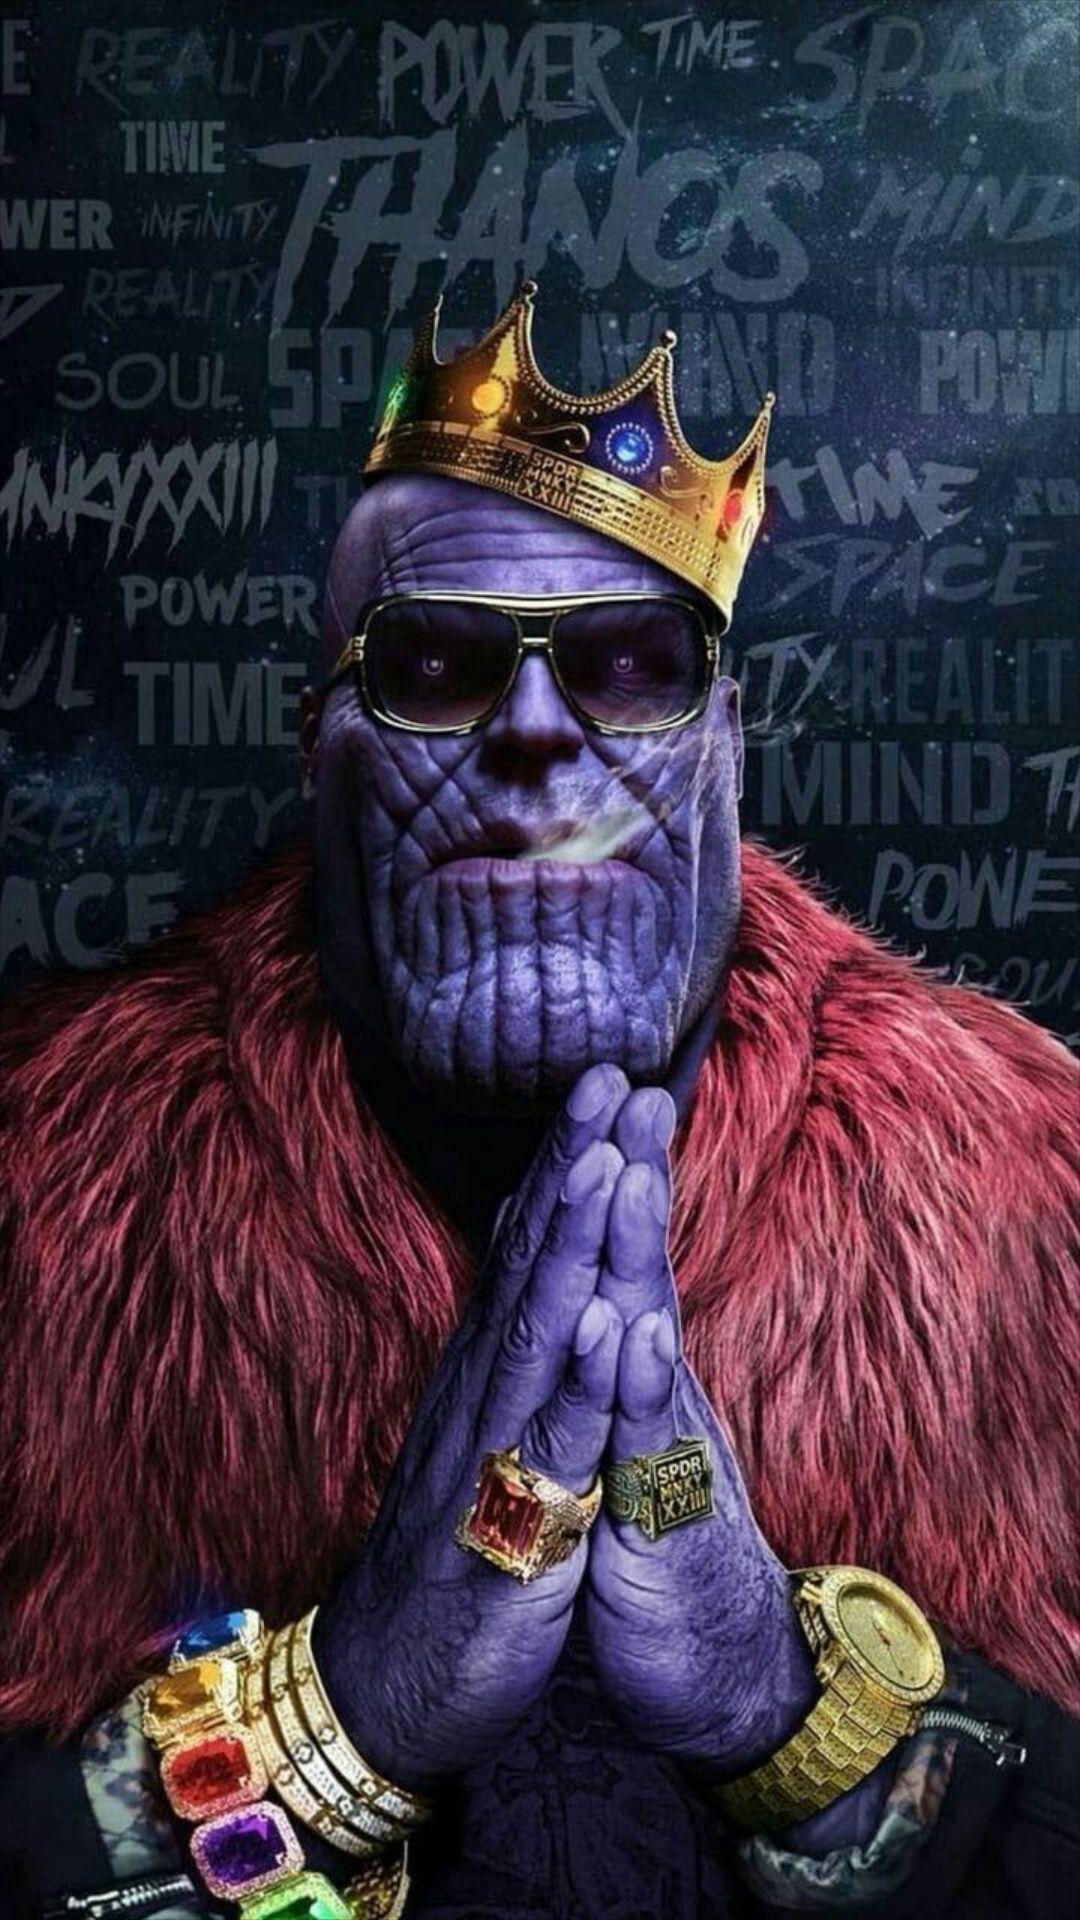 Thanos Wallpaper 4k In 2020 Marvel Comics Wallpaper Marvel Artwork Avengers Wallpaper